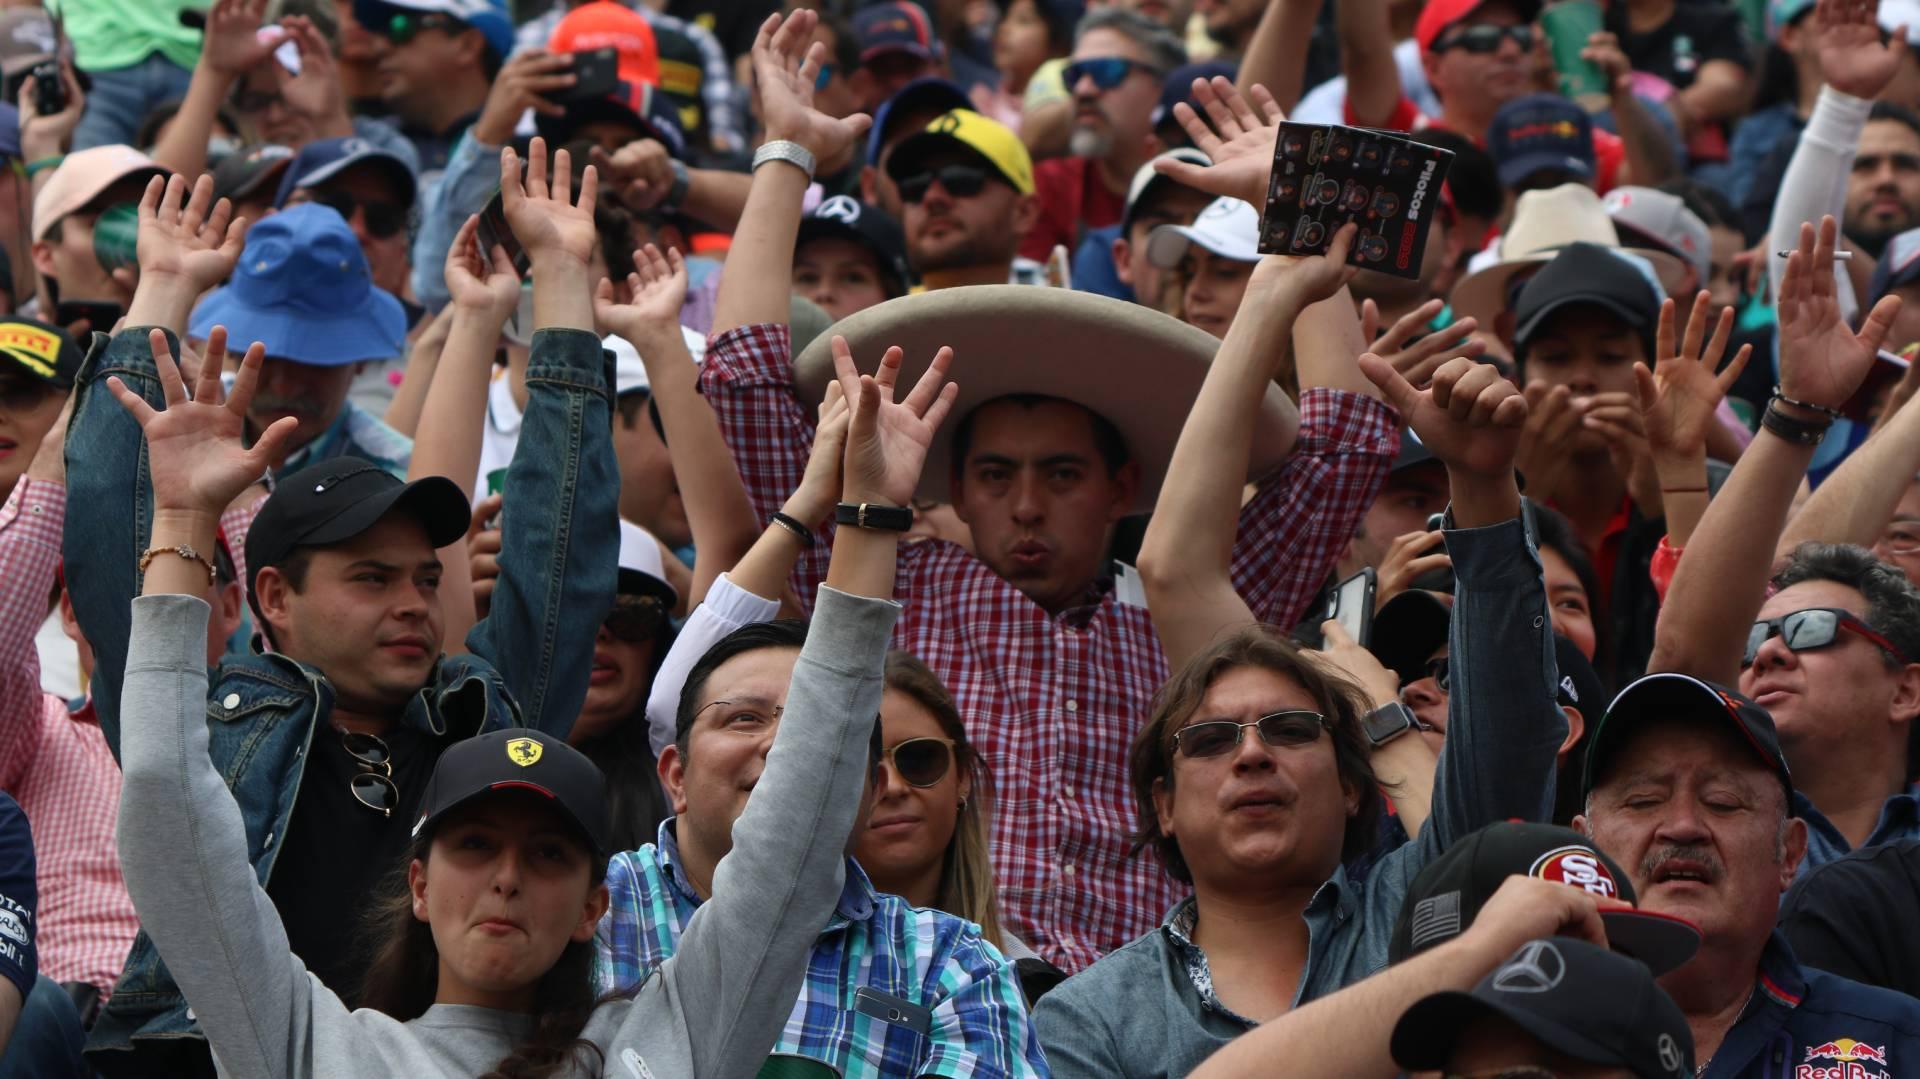 Basta con echar un vistazo a las gradas durante un día de carrera para cerciorarse que los aficionados mexicanos tienen una clara predilección por la escala de rojos (Foto: Cuartoscuro)